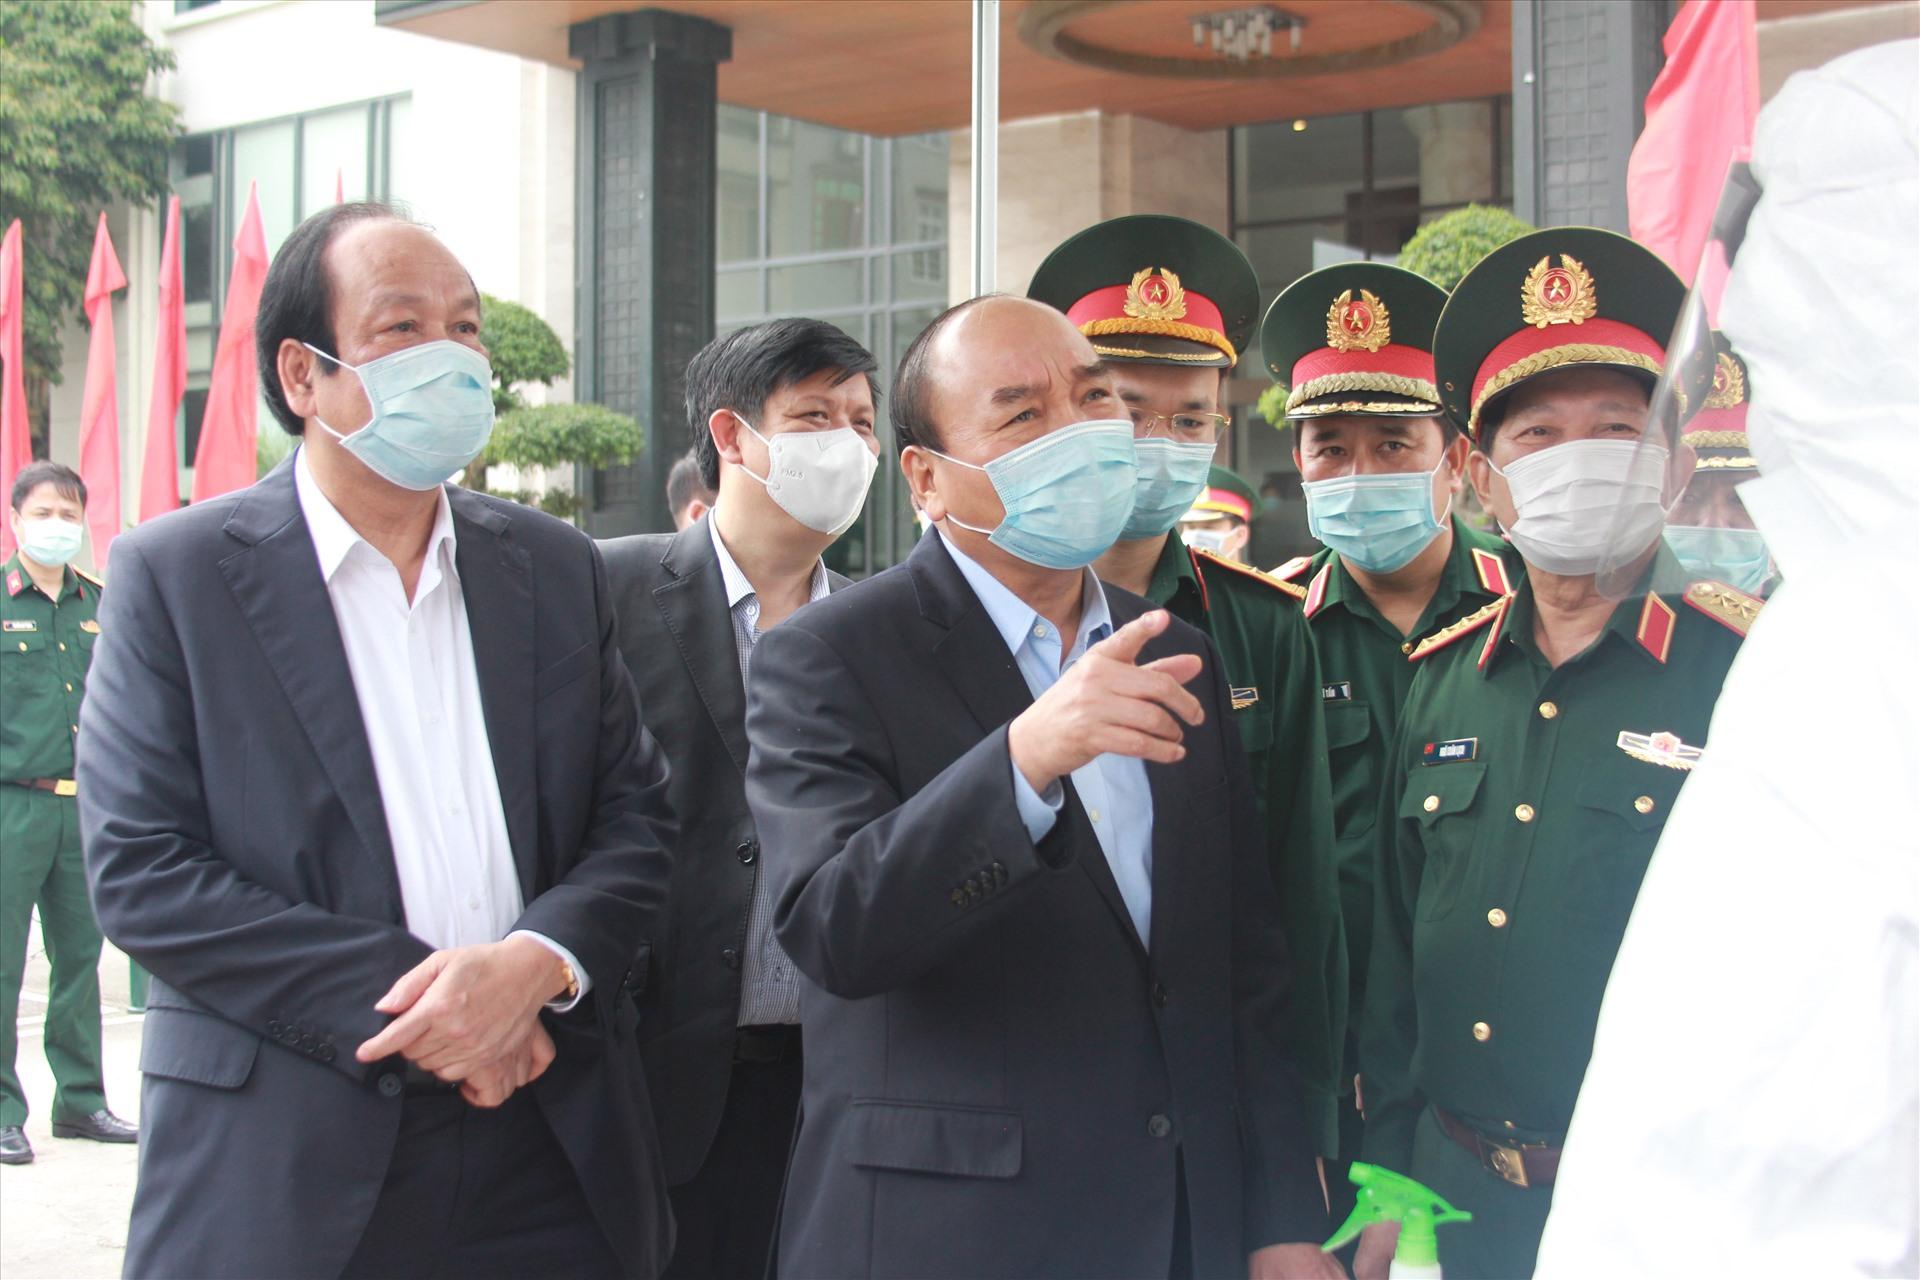 Thủ tướng làm việc với Cục Quân y, Bộ Quốc phòng. Ảnh T.Vương